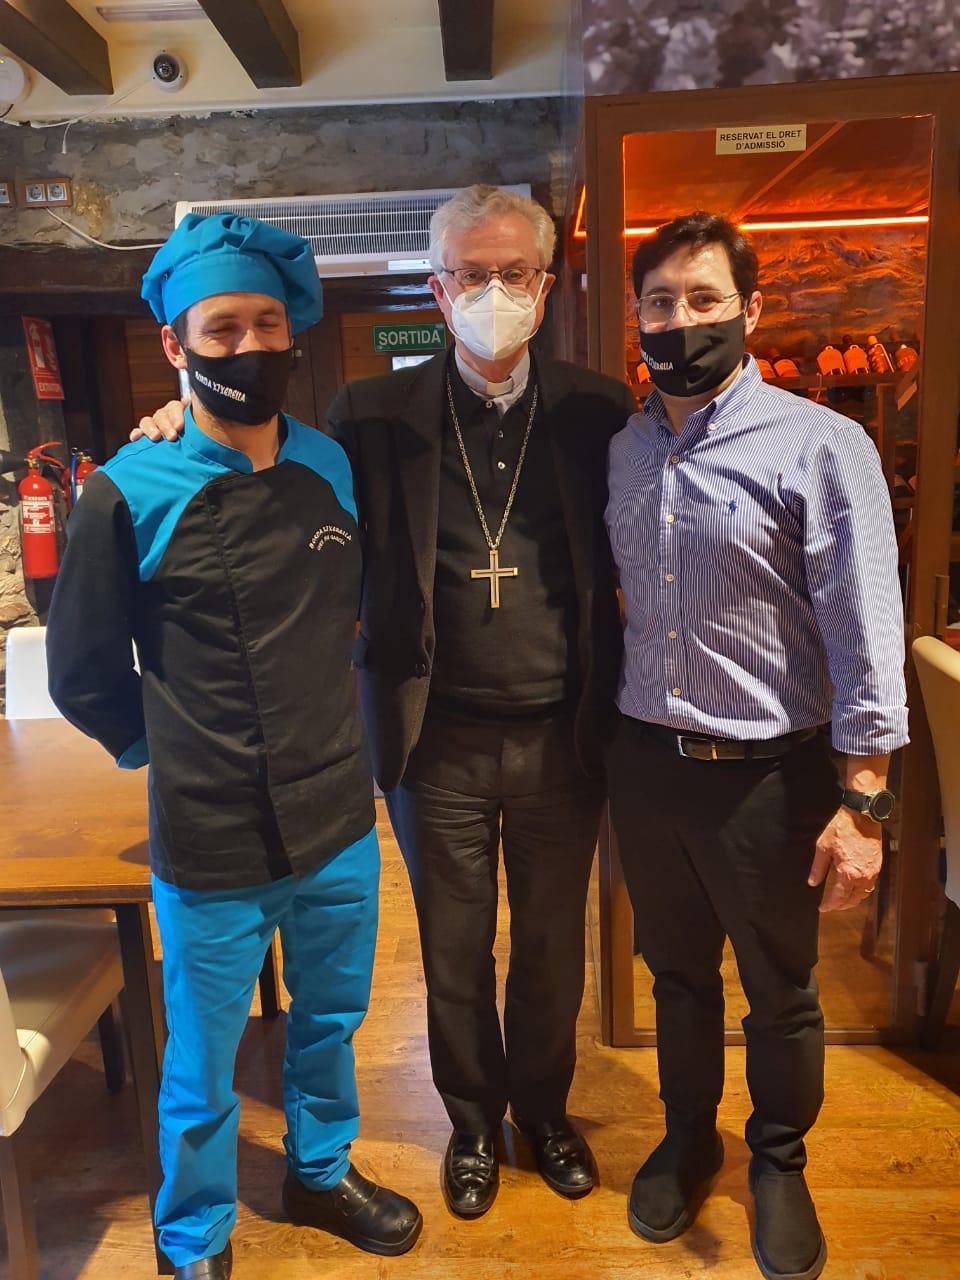 Moltes gràcies al M.I. Arquebisbe d'Urgell i Copríncep d'Andorra, Mons. Joan-Enric Vives per visitar-nos, ha estat un plaer per tot el nostre equip poder mostrar-li el millor de la nostra cuina.